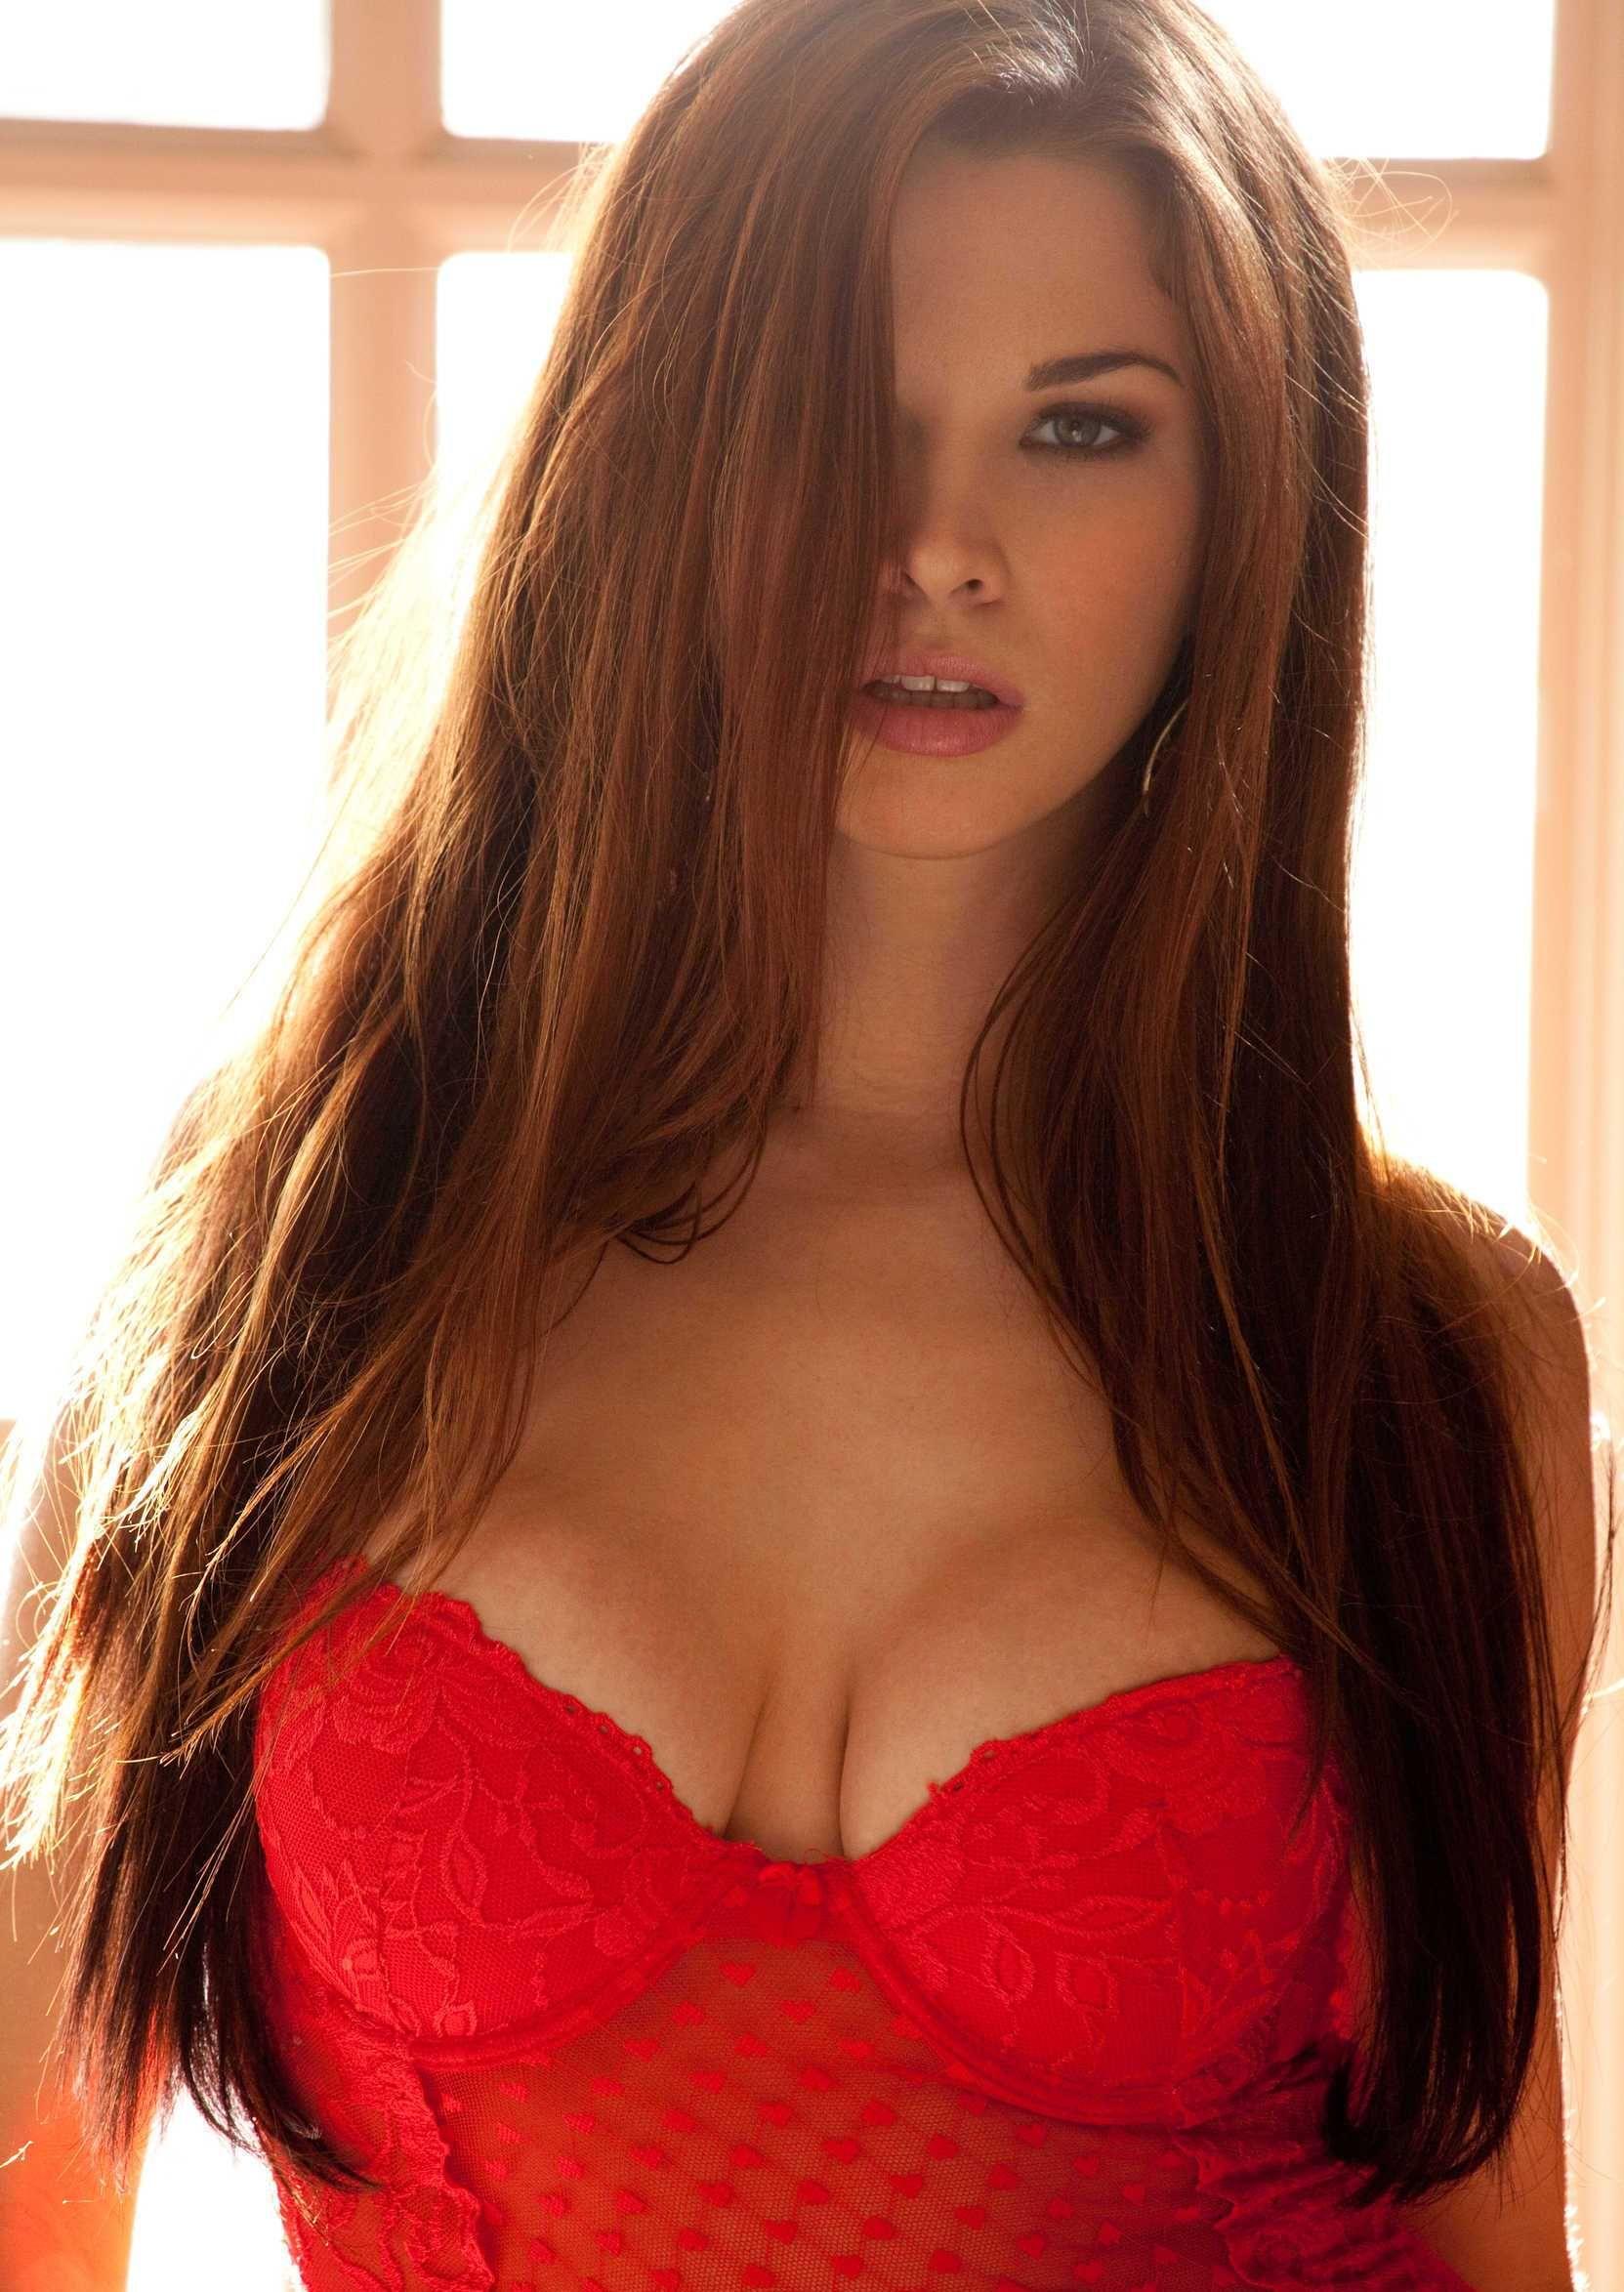 best school girl nude